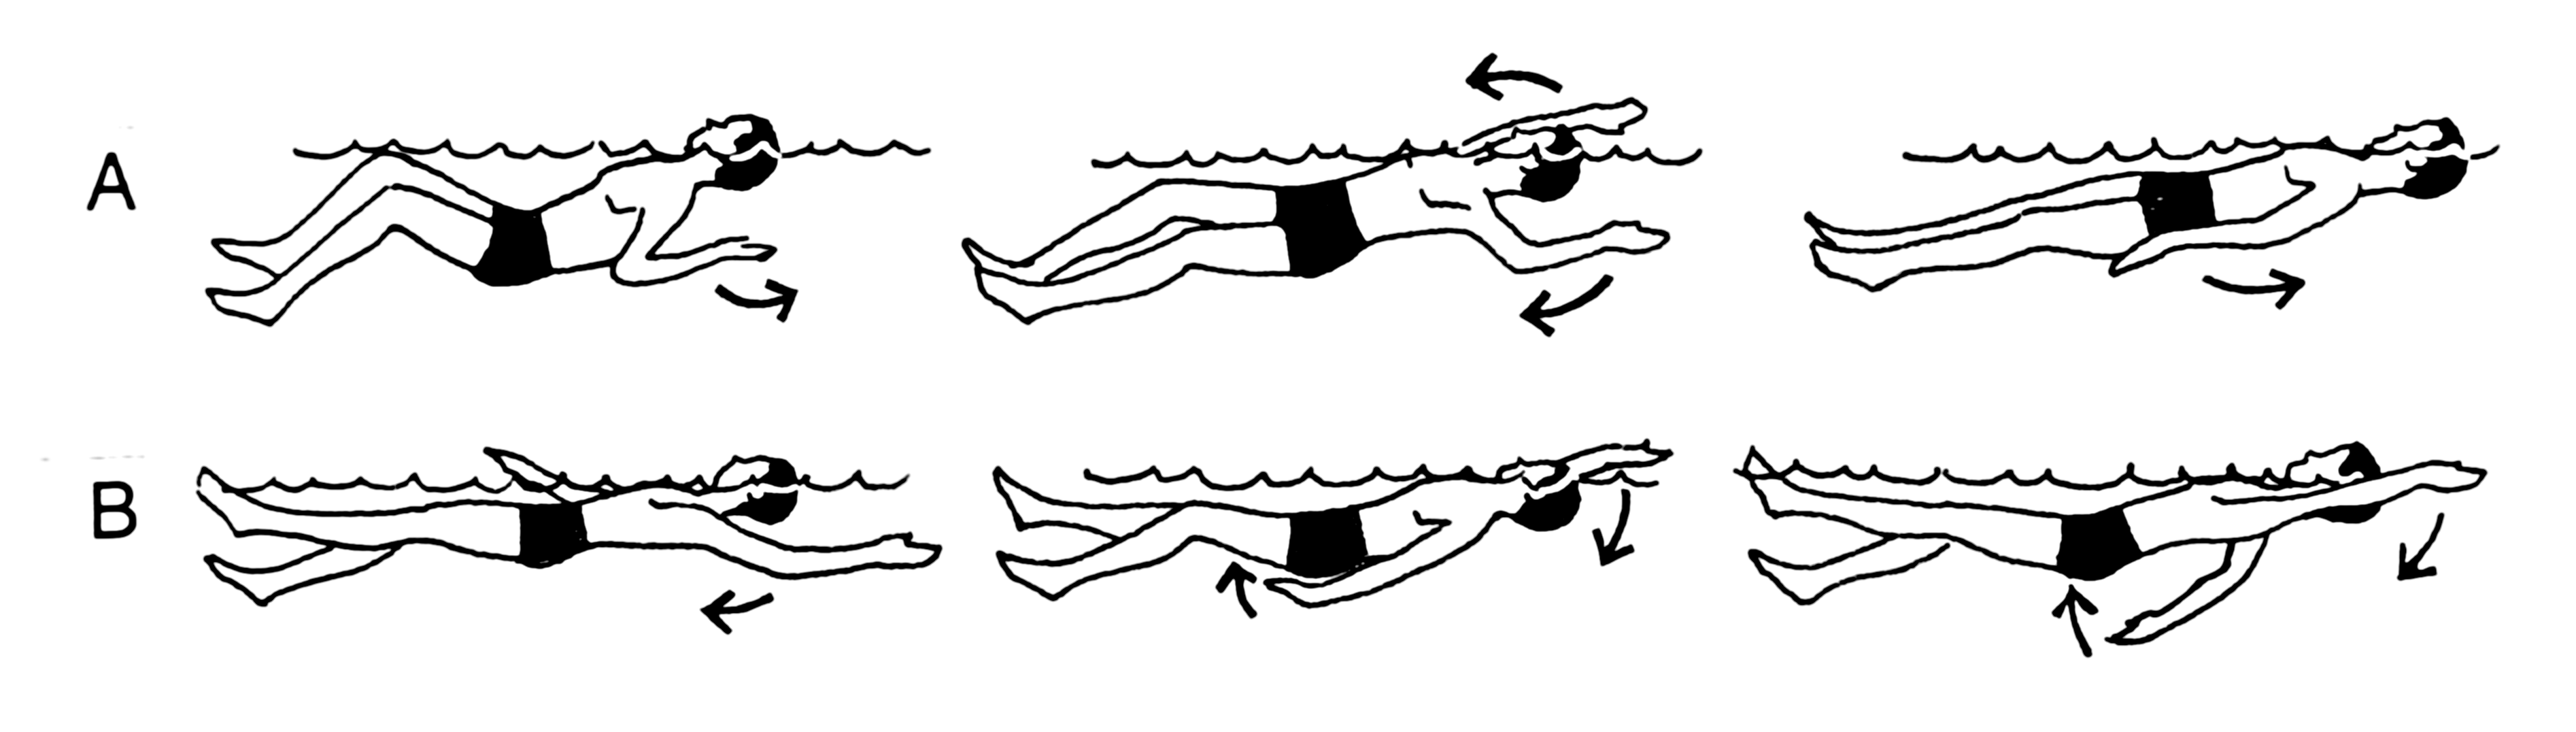 Work on arm action and speed kreedon